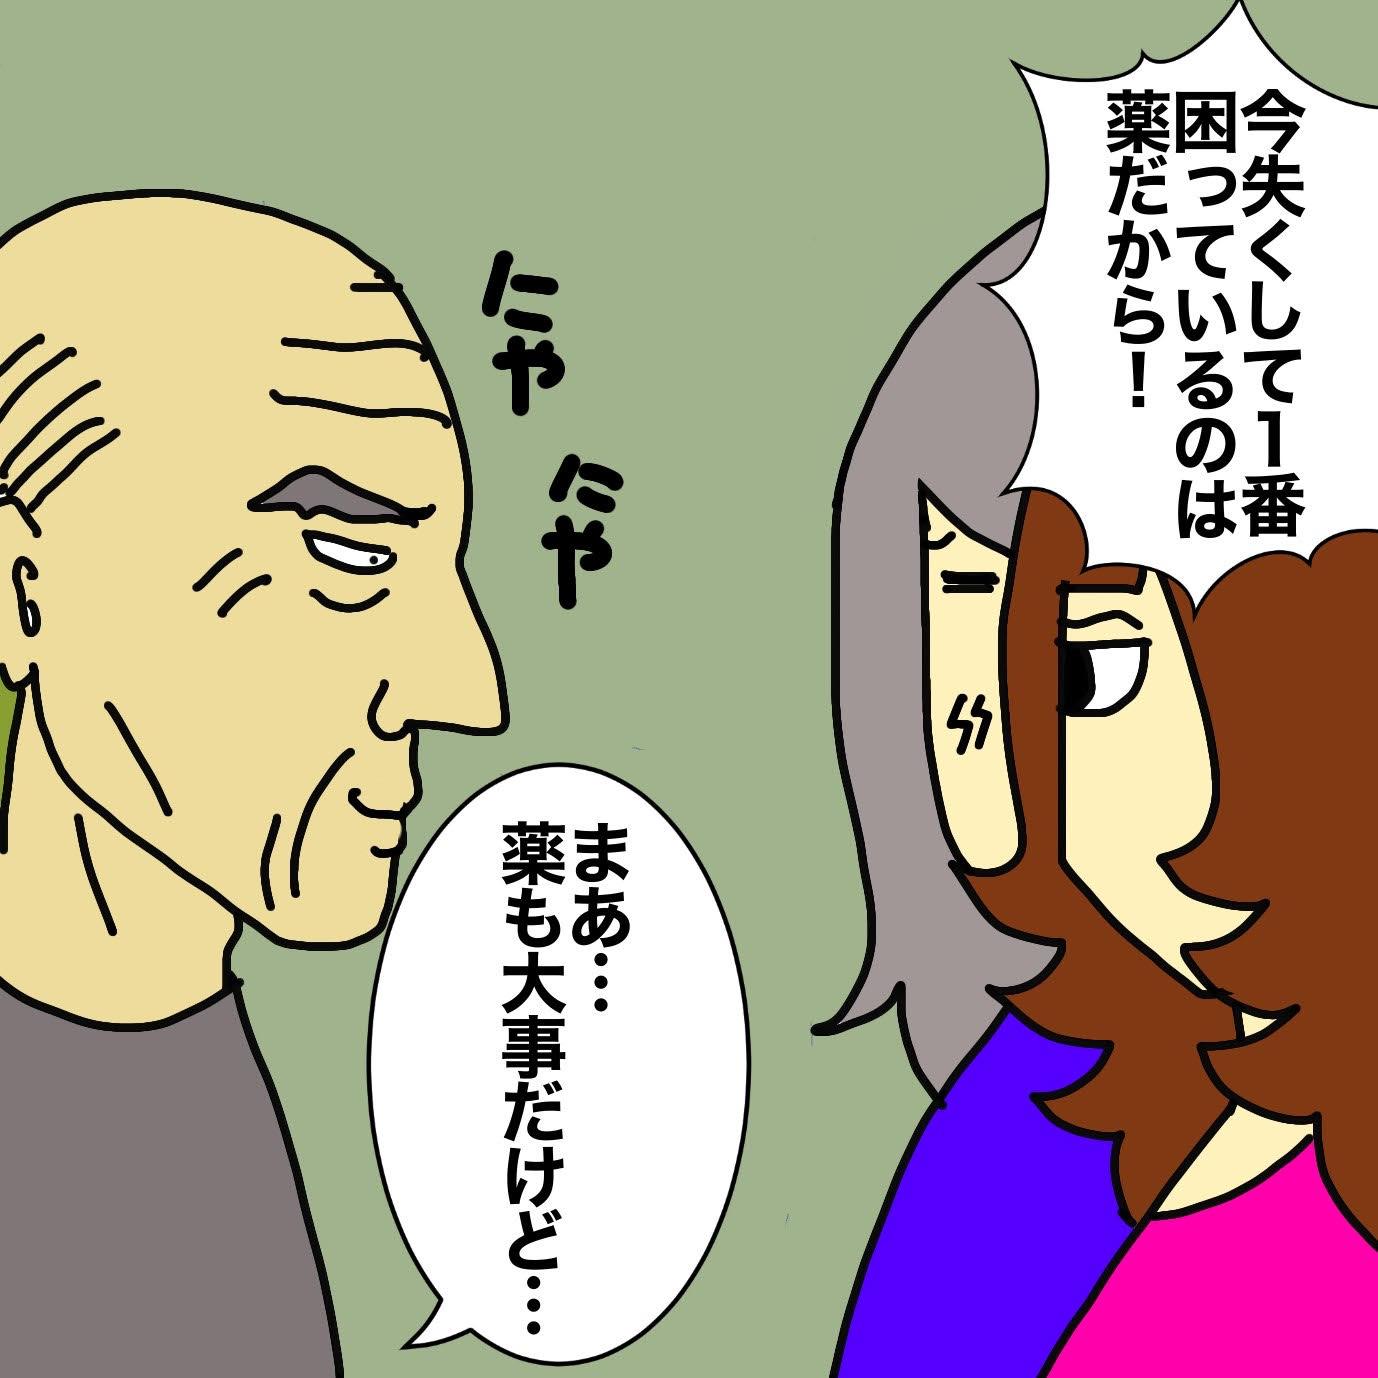 母の「認知症の薬」より「通帳」のほうが大切なの!?  「暴君父」との直接対決!!/ワフウフ